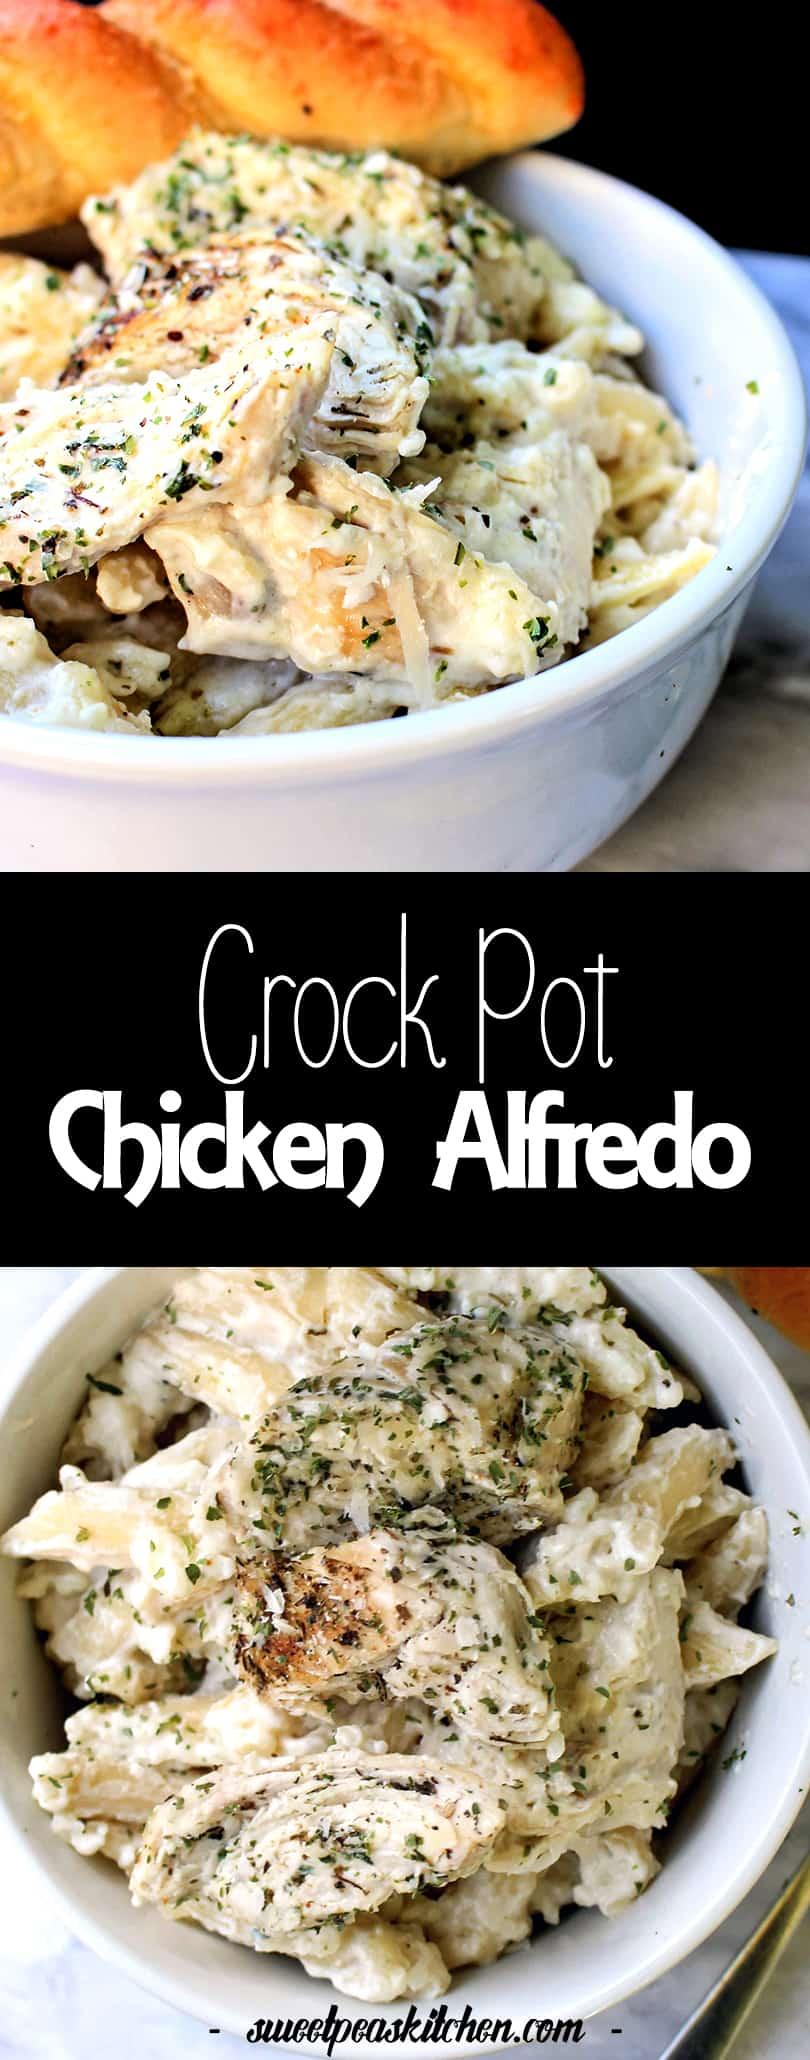 Best Crockpot Chicken Alfredo